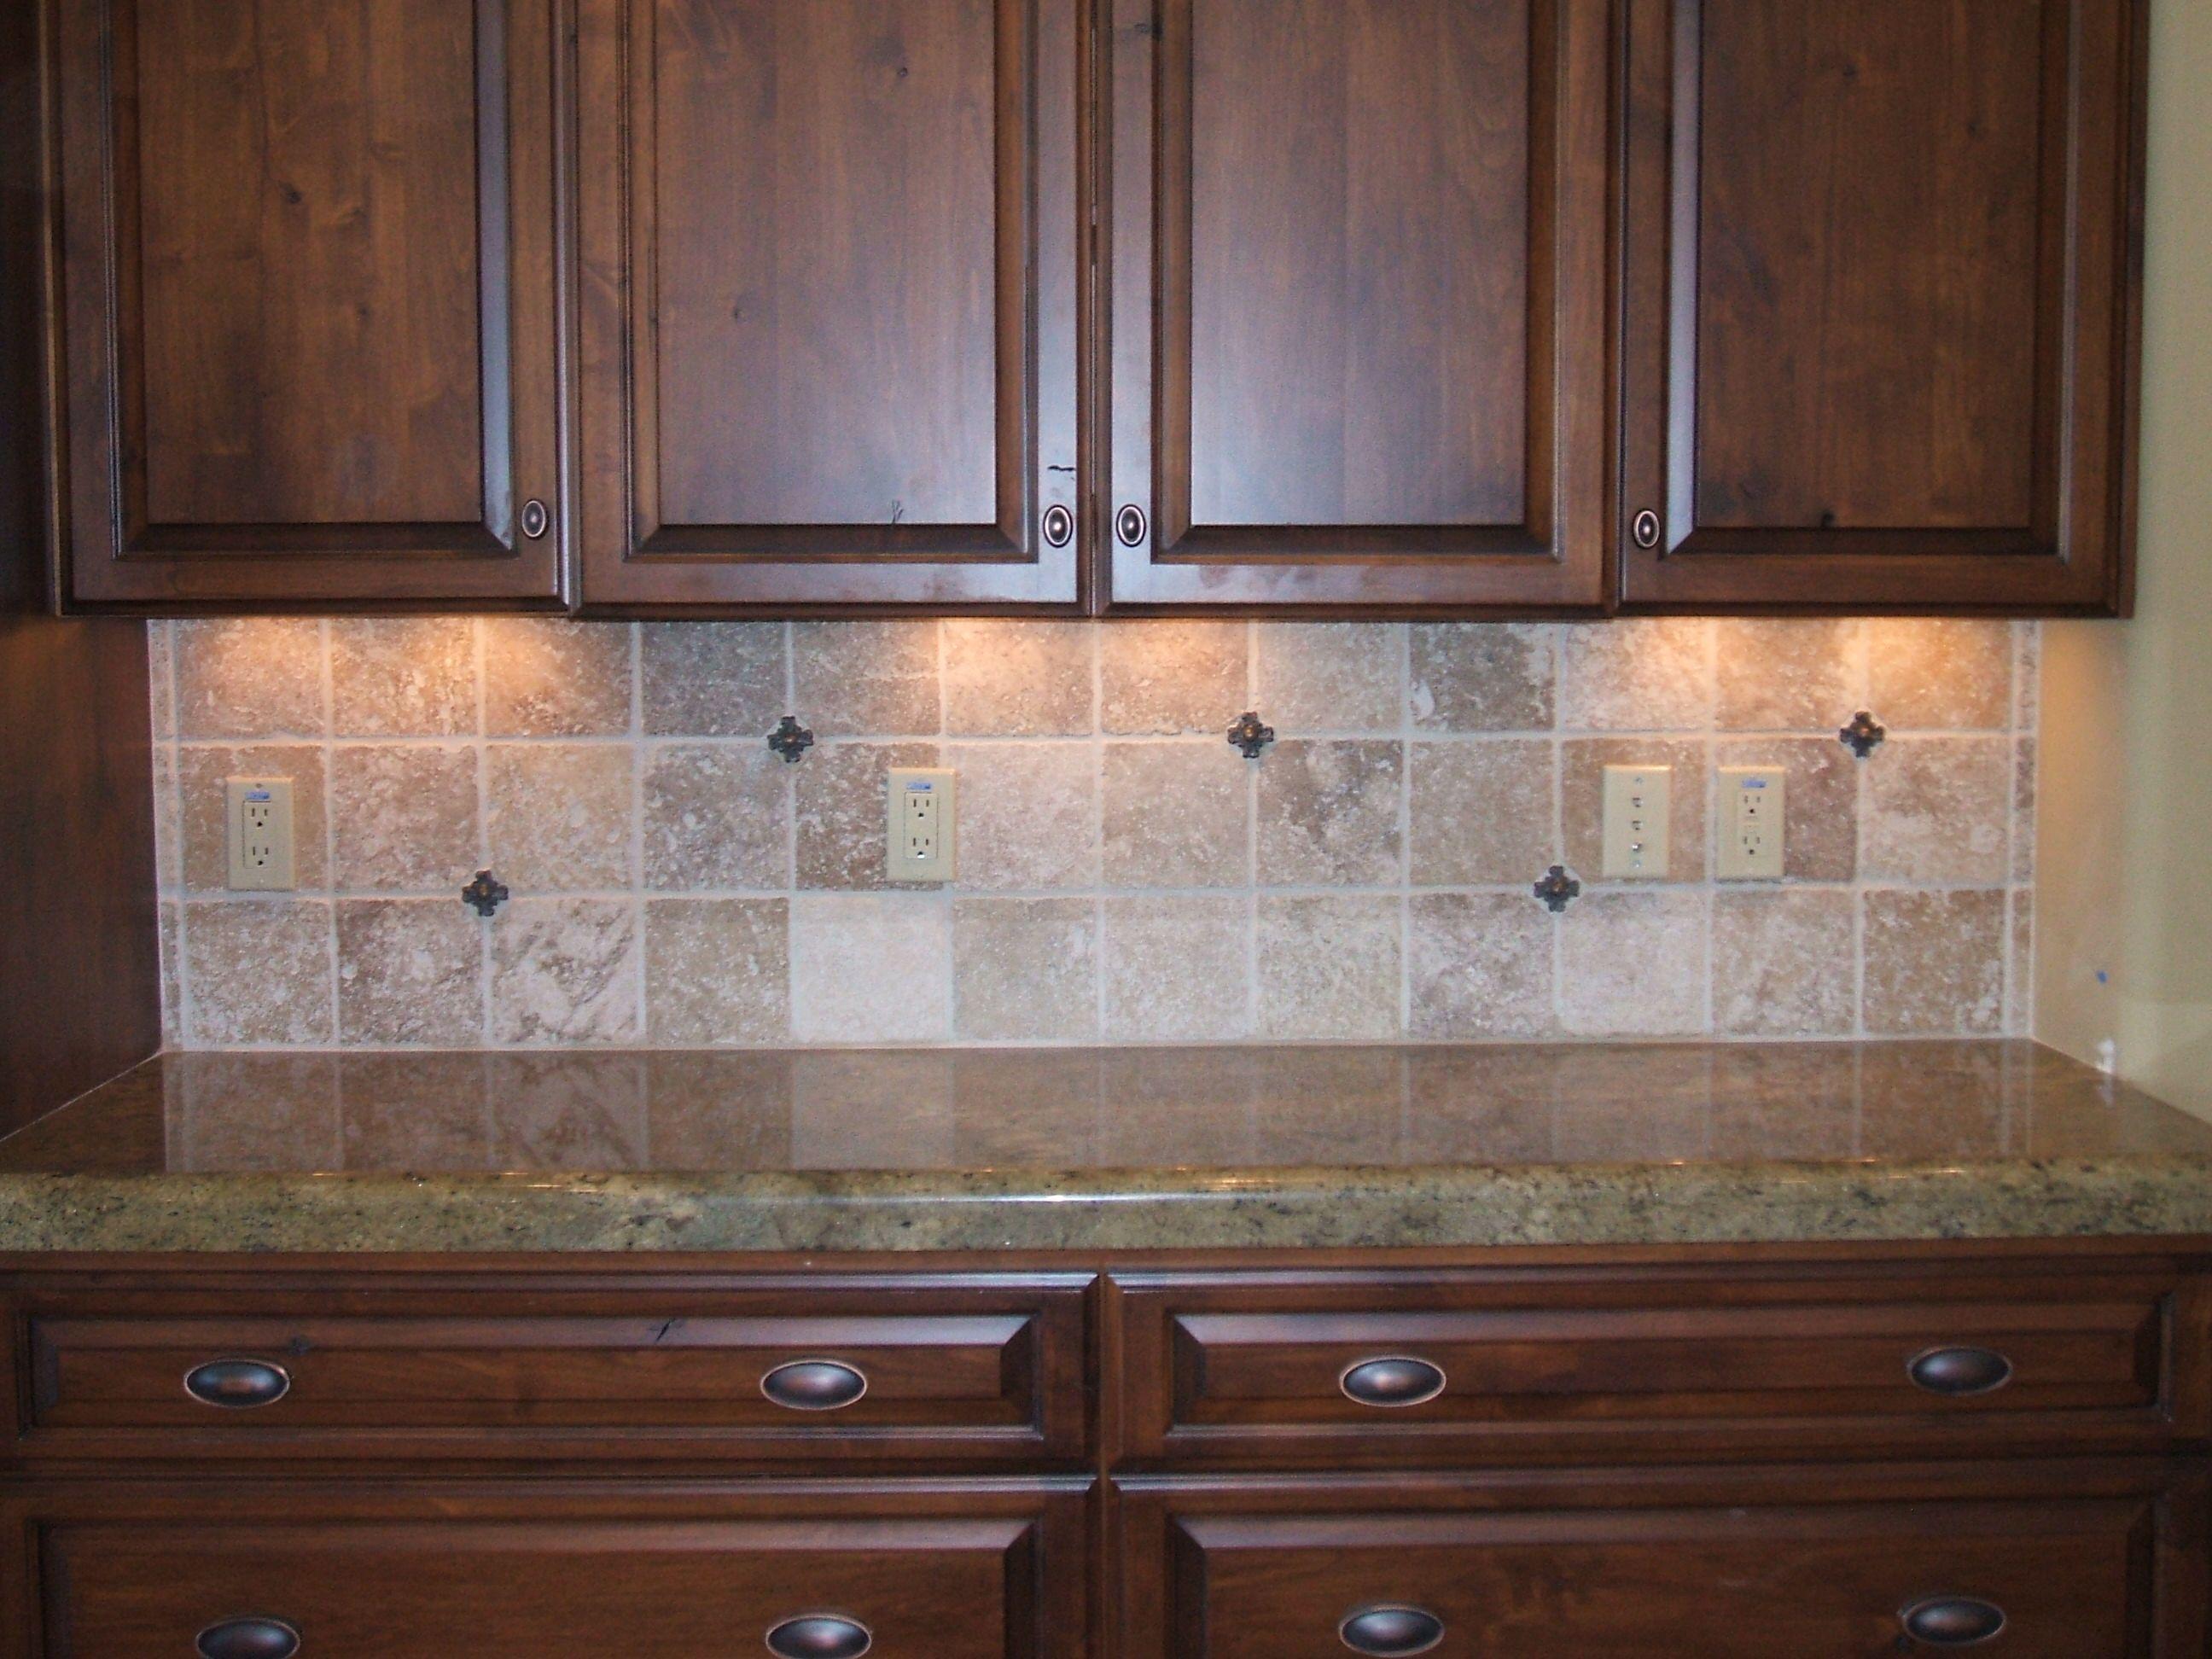 Tuscan kitchen design tile backsplash of window and - Kitchen tile design ideas backsplash ...